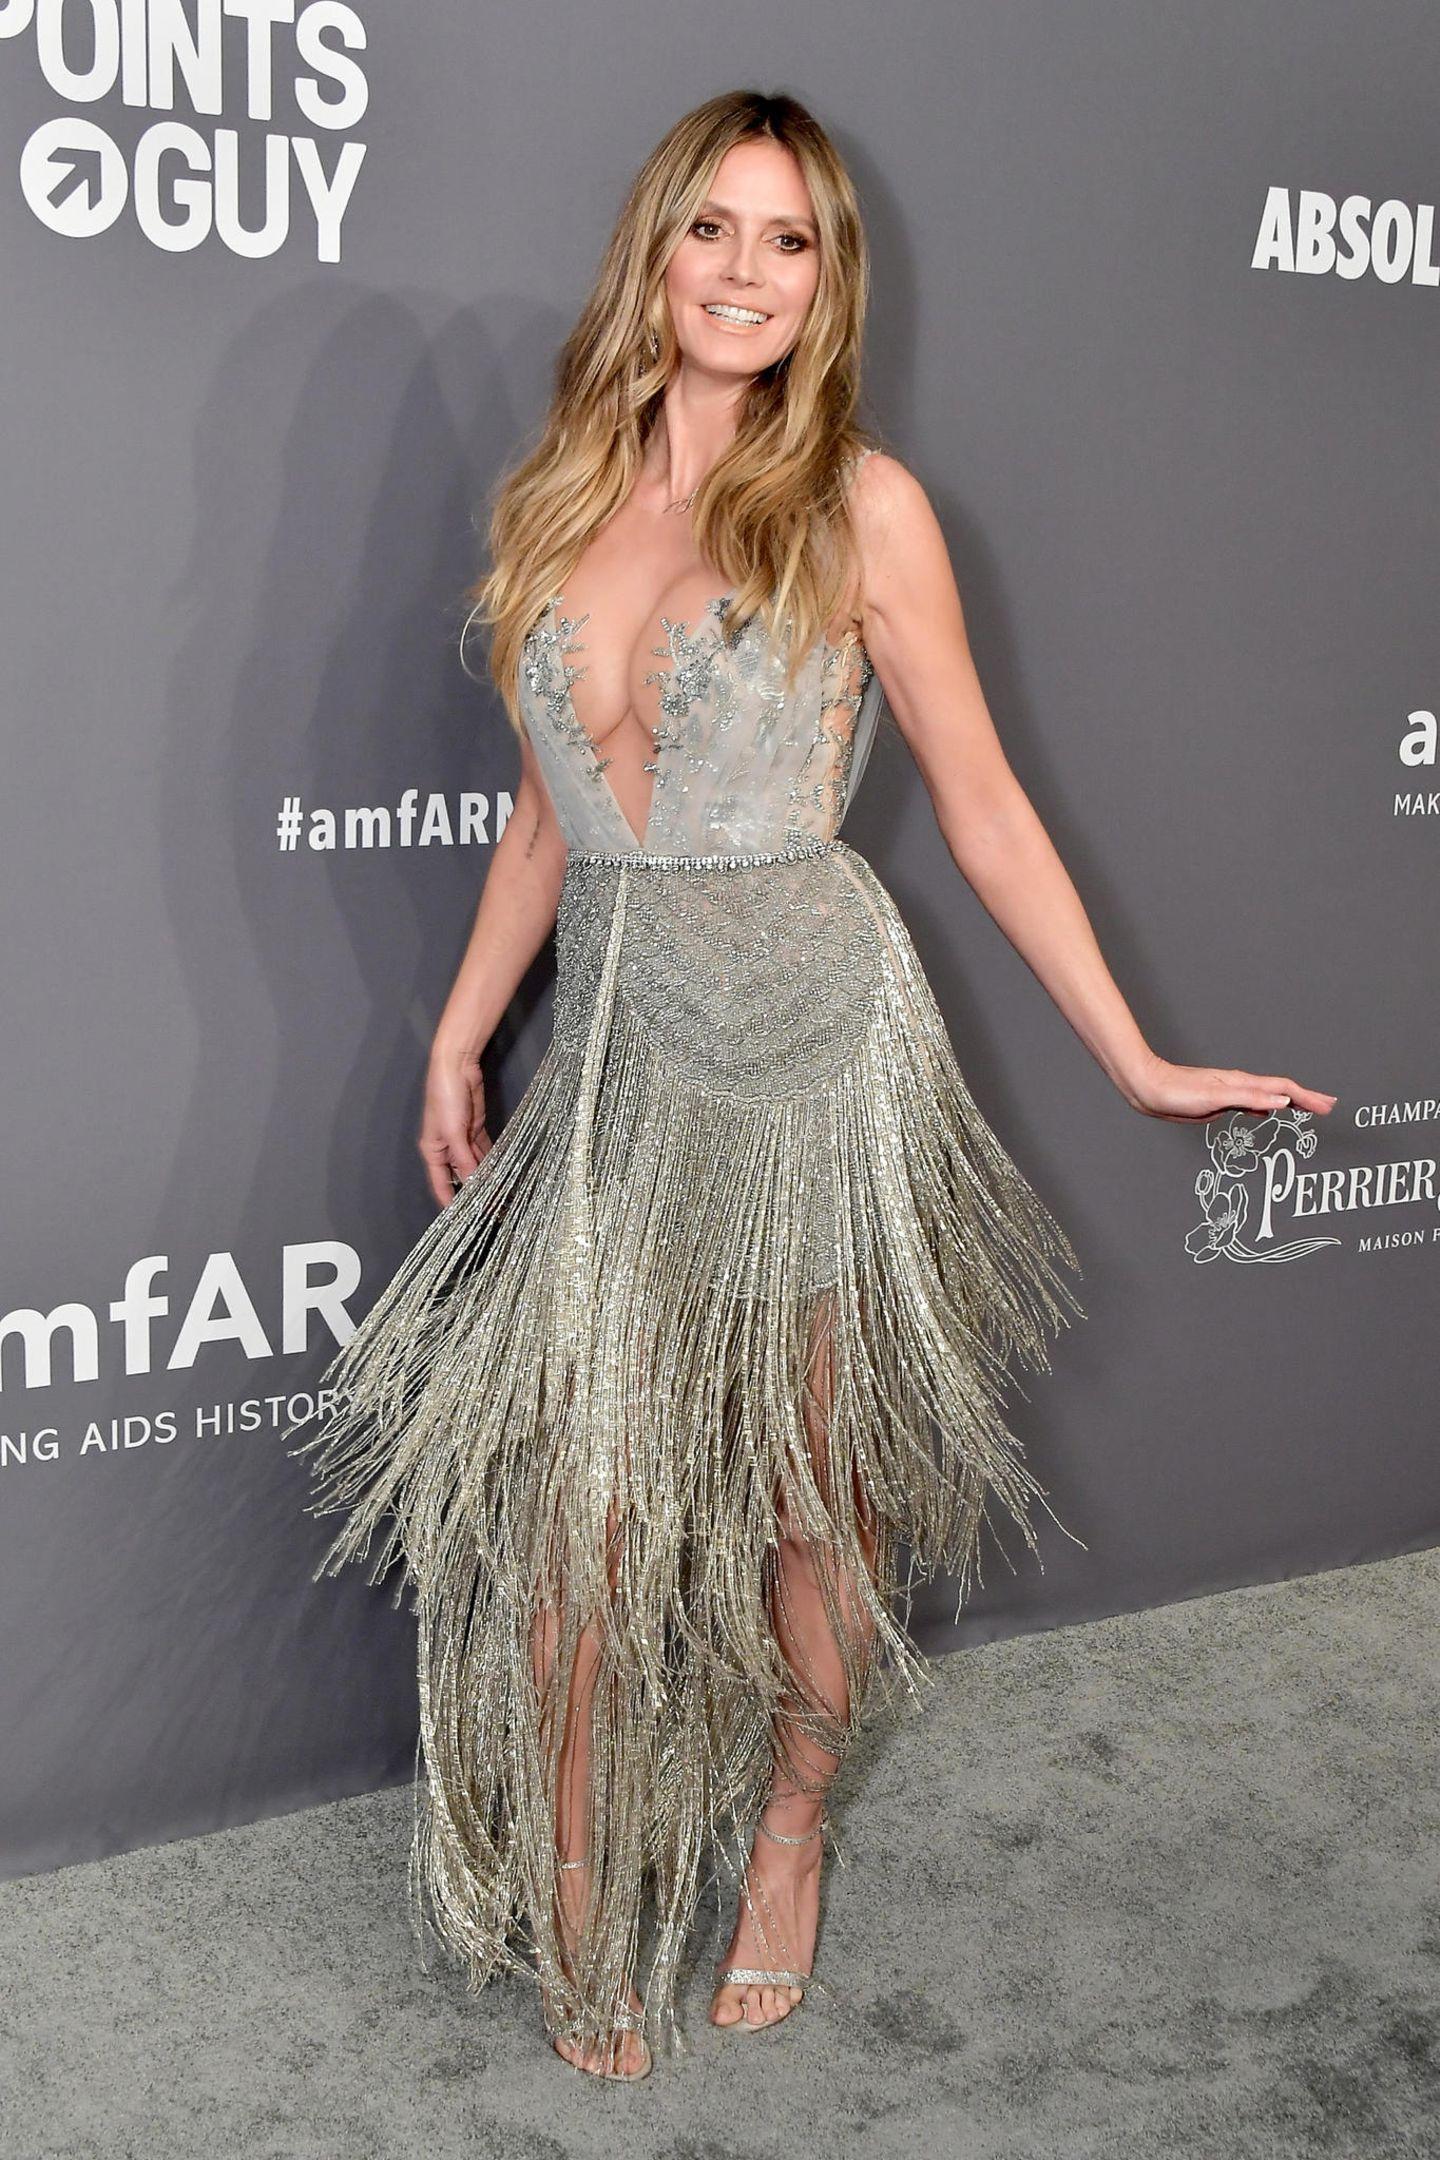 Bei Heidi Klum ist Bewegung drin! Ihr silbernes Traumkleid lädt direkt zum Tanzen ein.